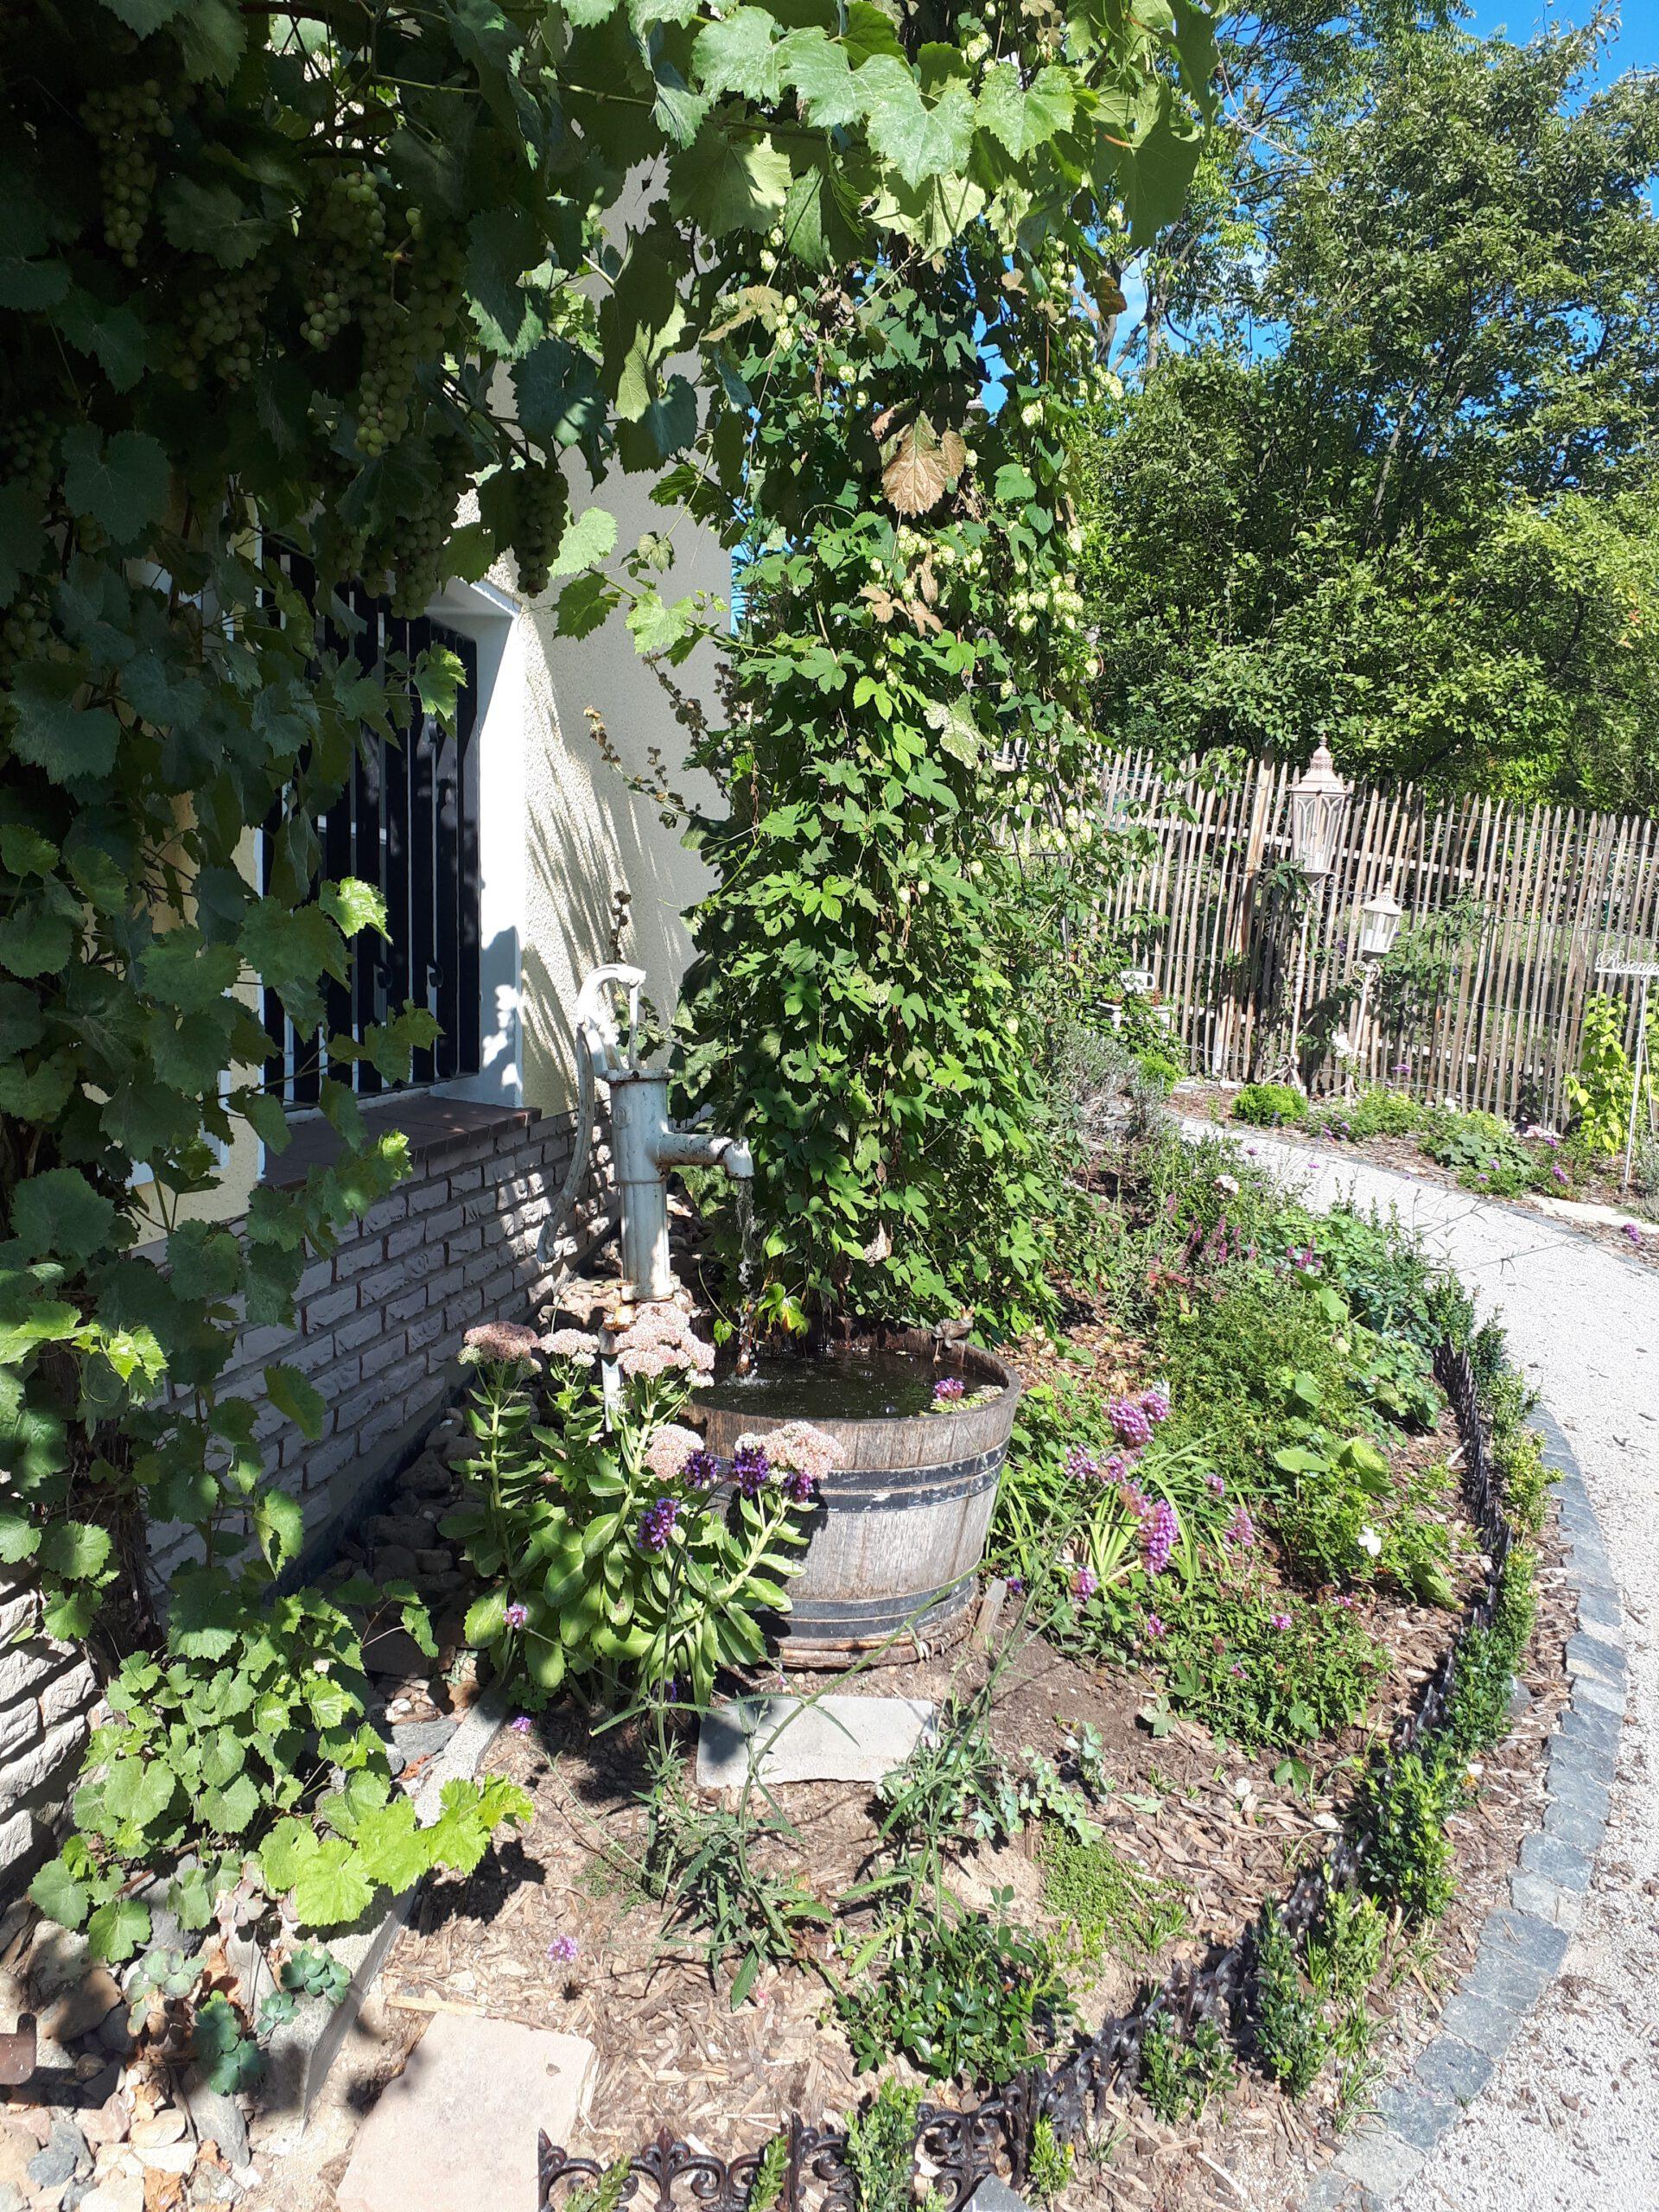 Neben der Haustür liegt das Beet das bis zur Hausecke reicht. Hier ist das Weinfass mit der alten Wasserpumpe als attraktives Objekt platziert. Romantische Gärten leben von Abwechslung und verspielten Elementen.